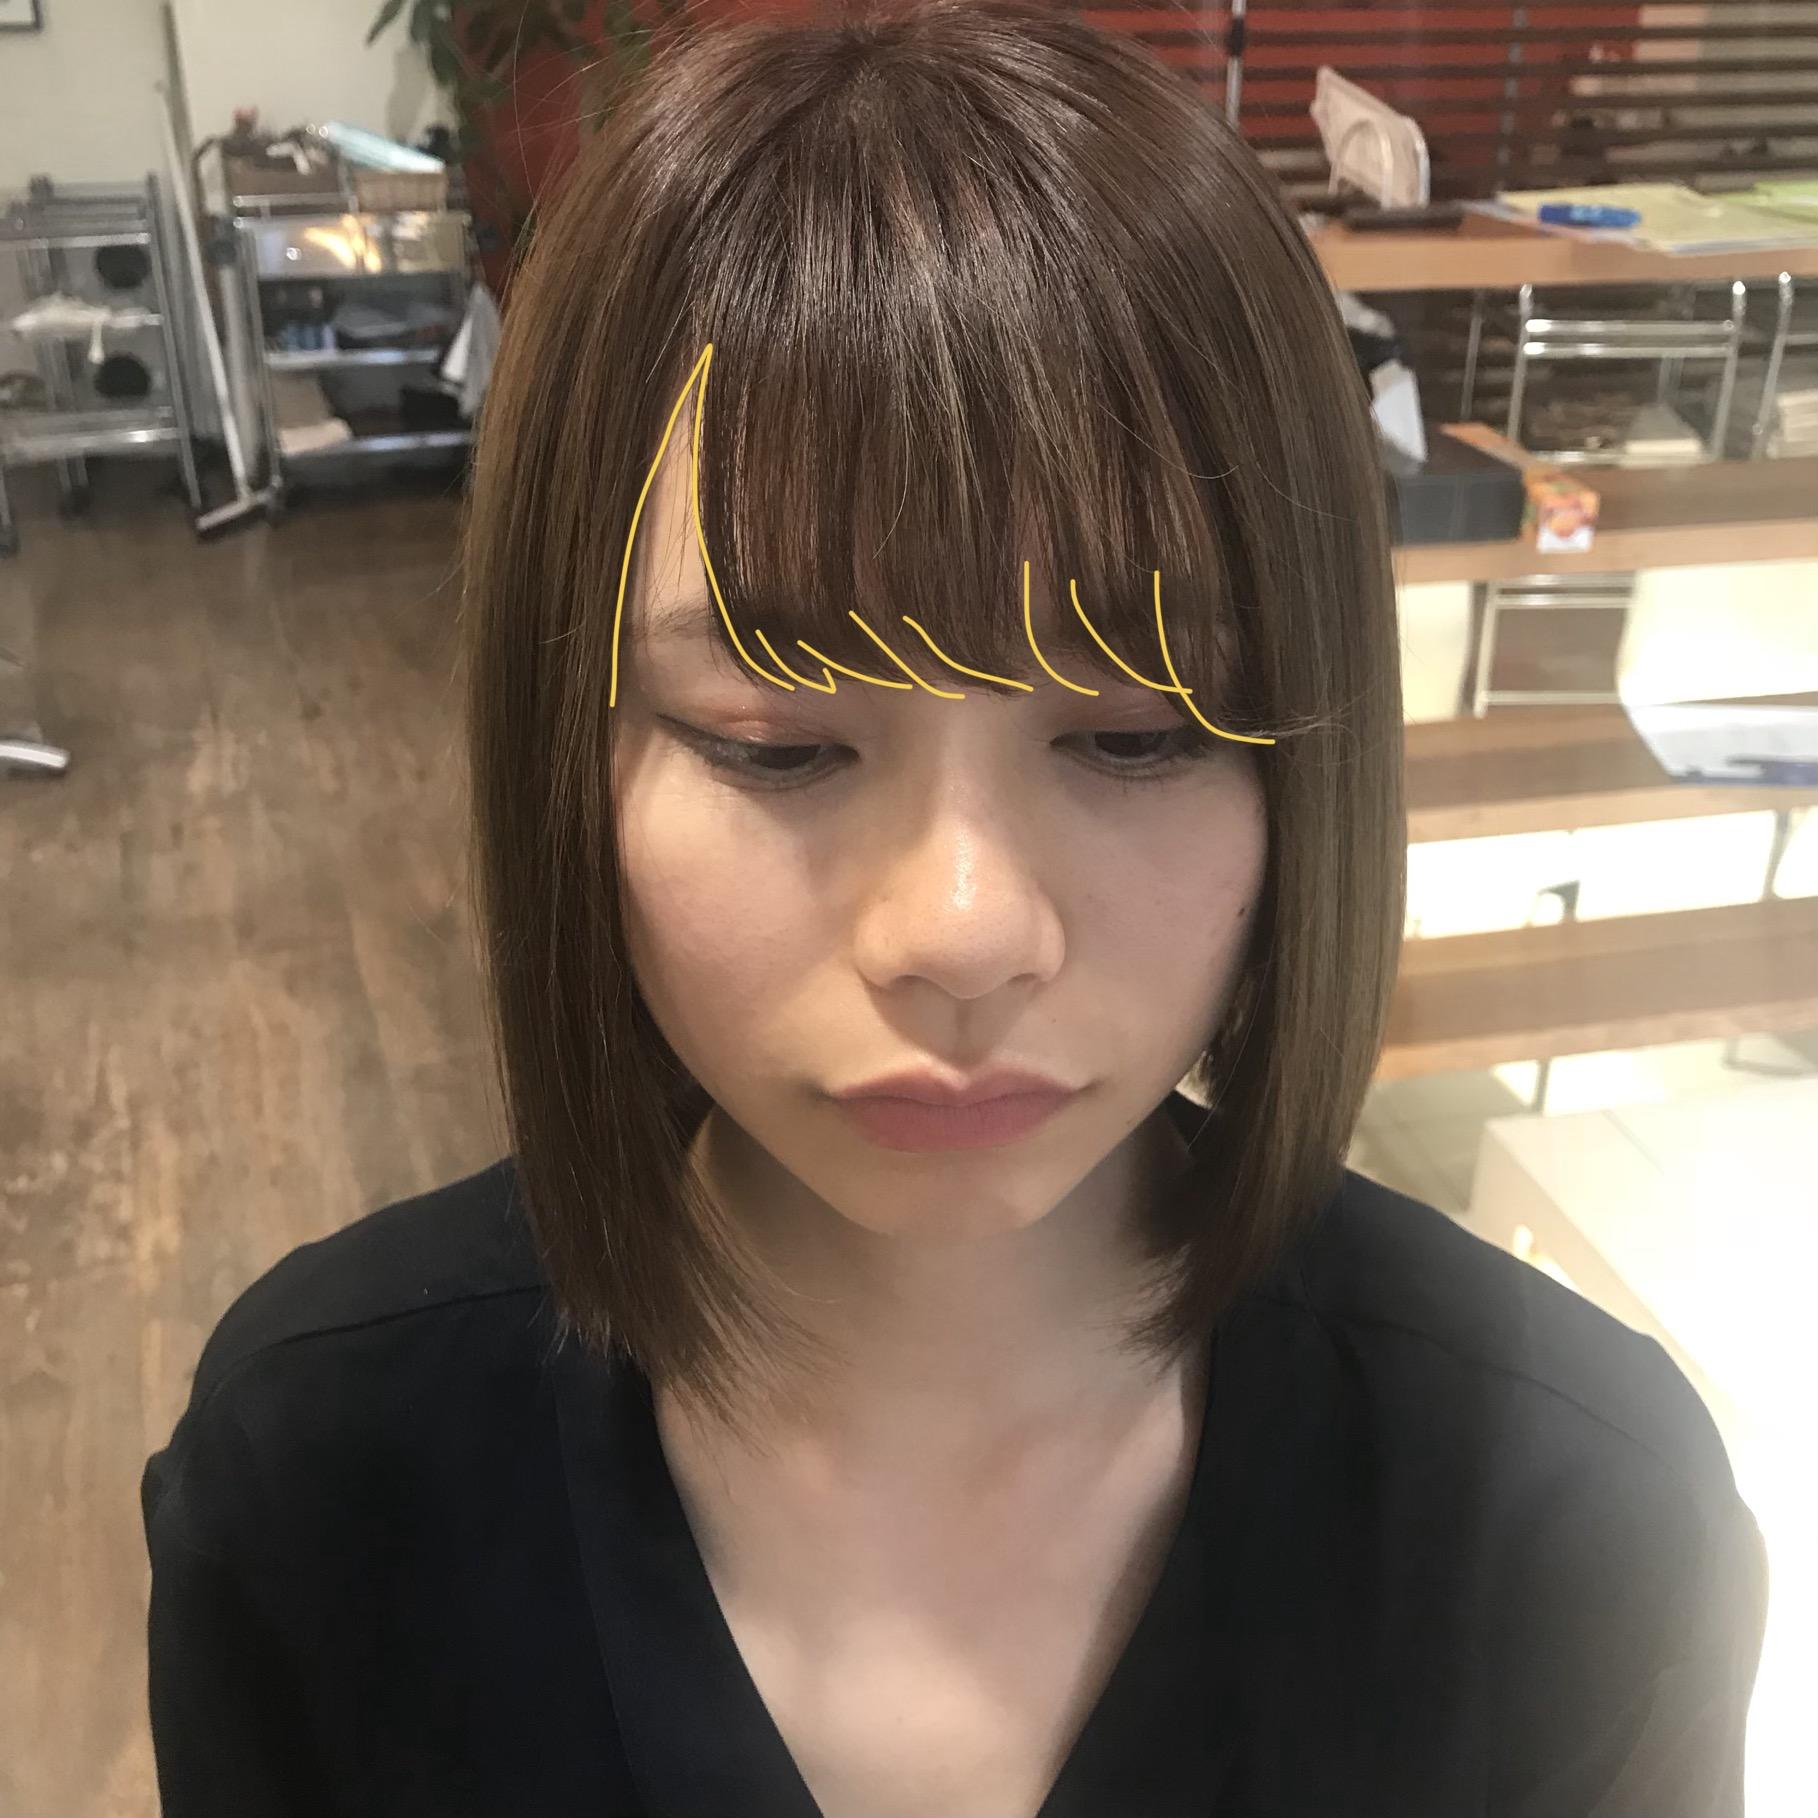 適切な前髪の幅